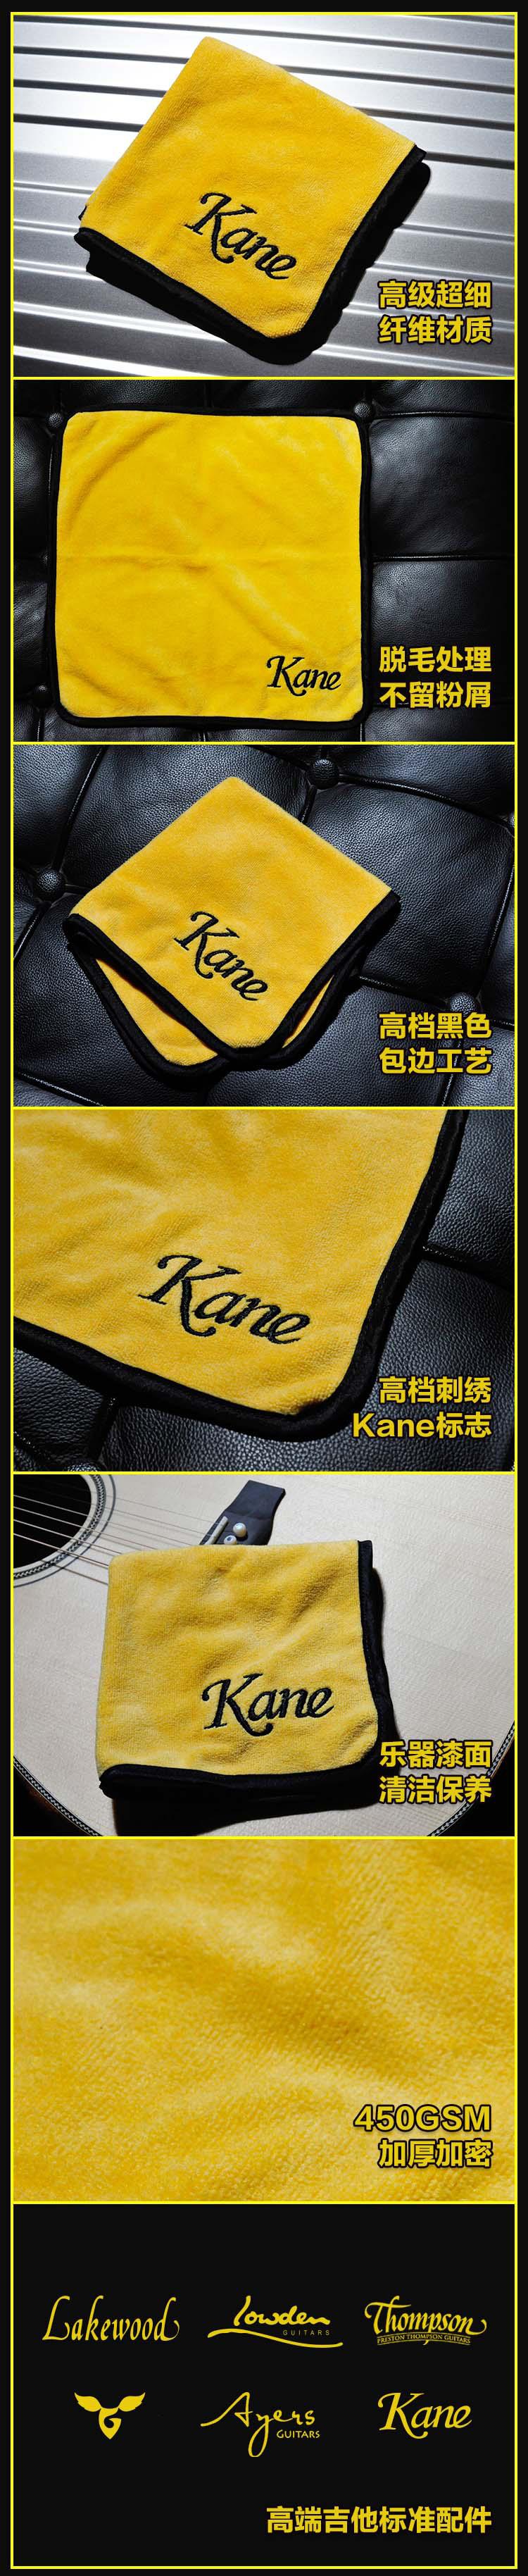 Kane Towel